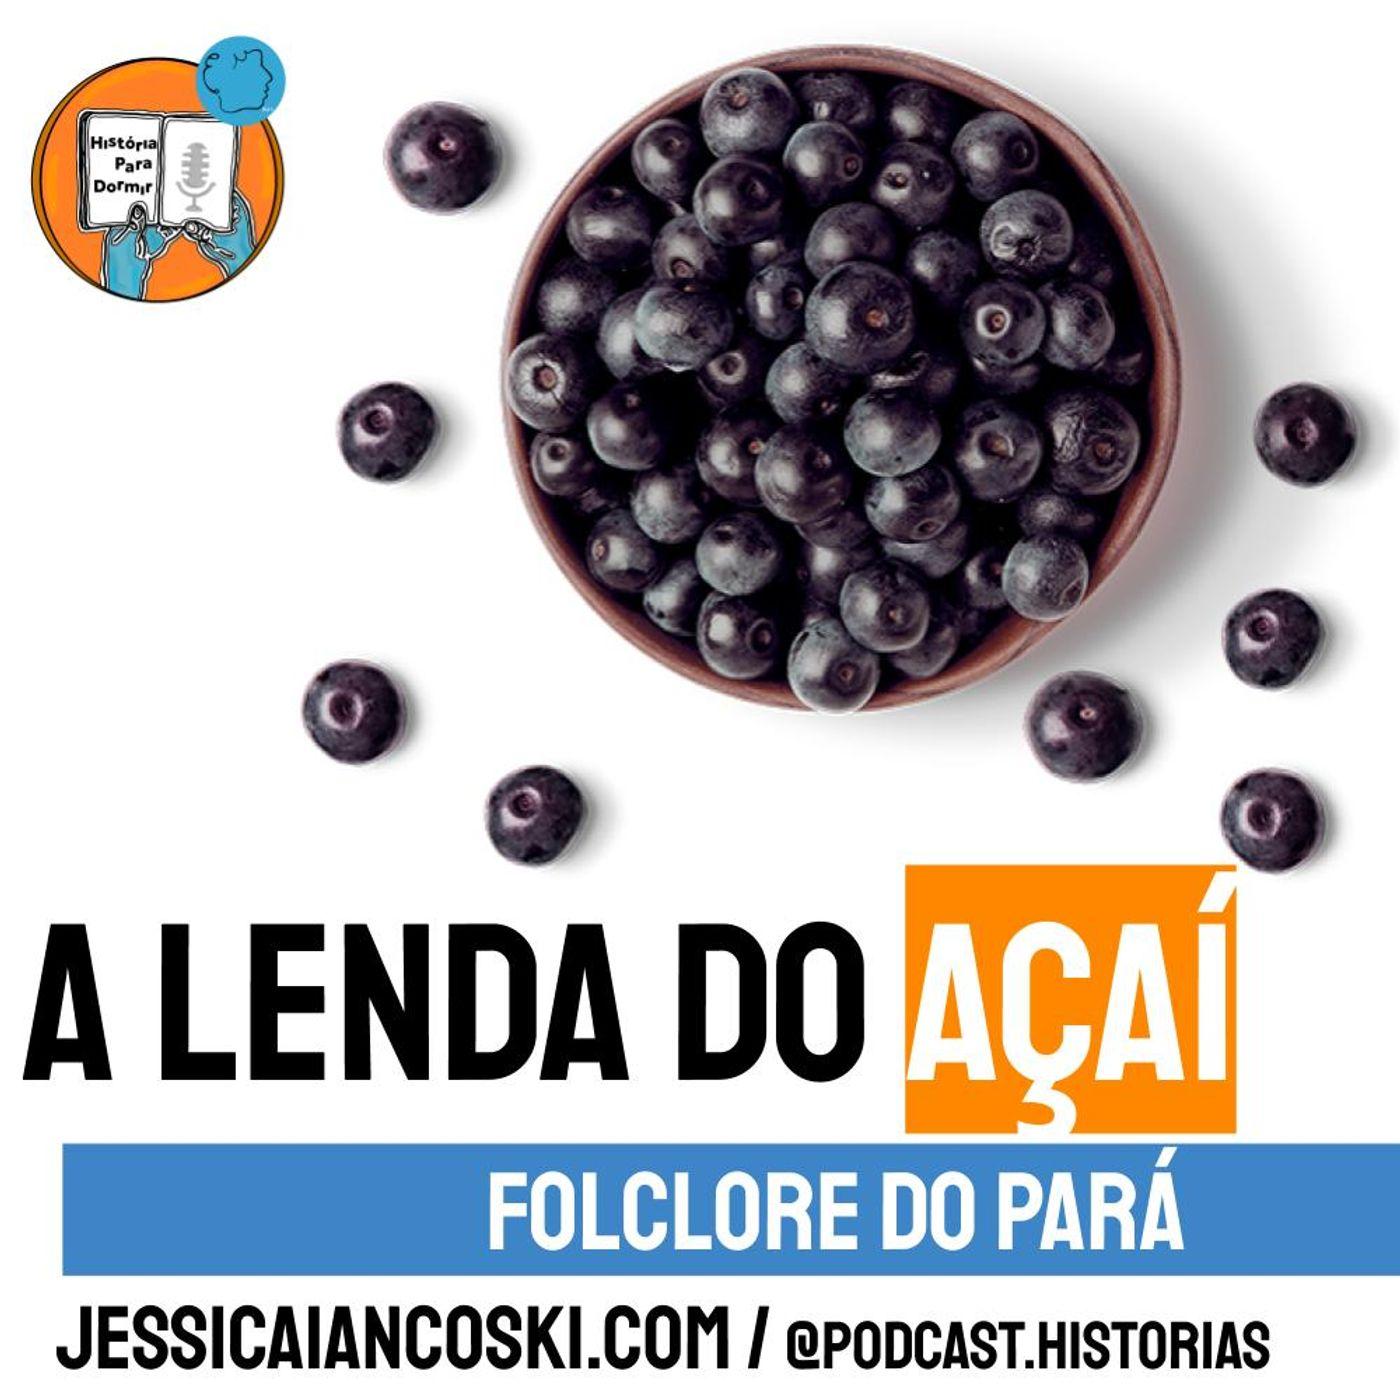 [T4 #7] A Lenda do Açaí- Folclore do Pará | Historinha